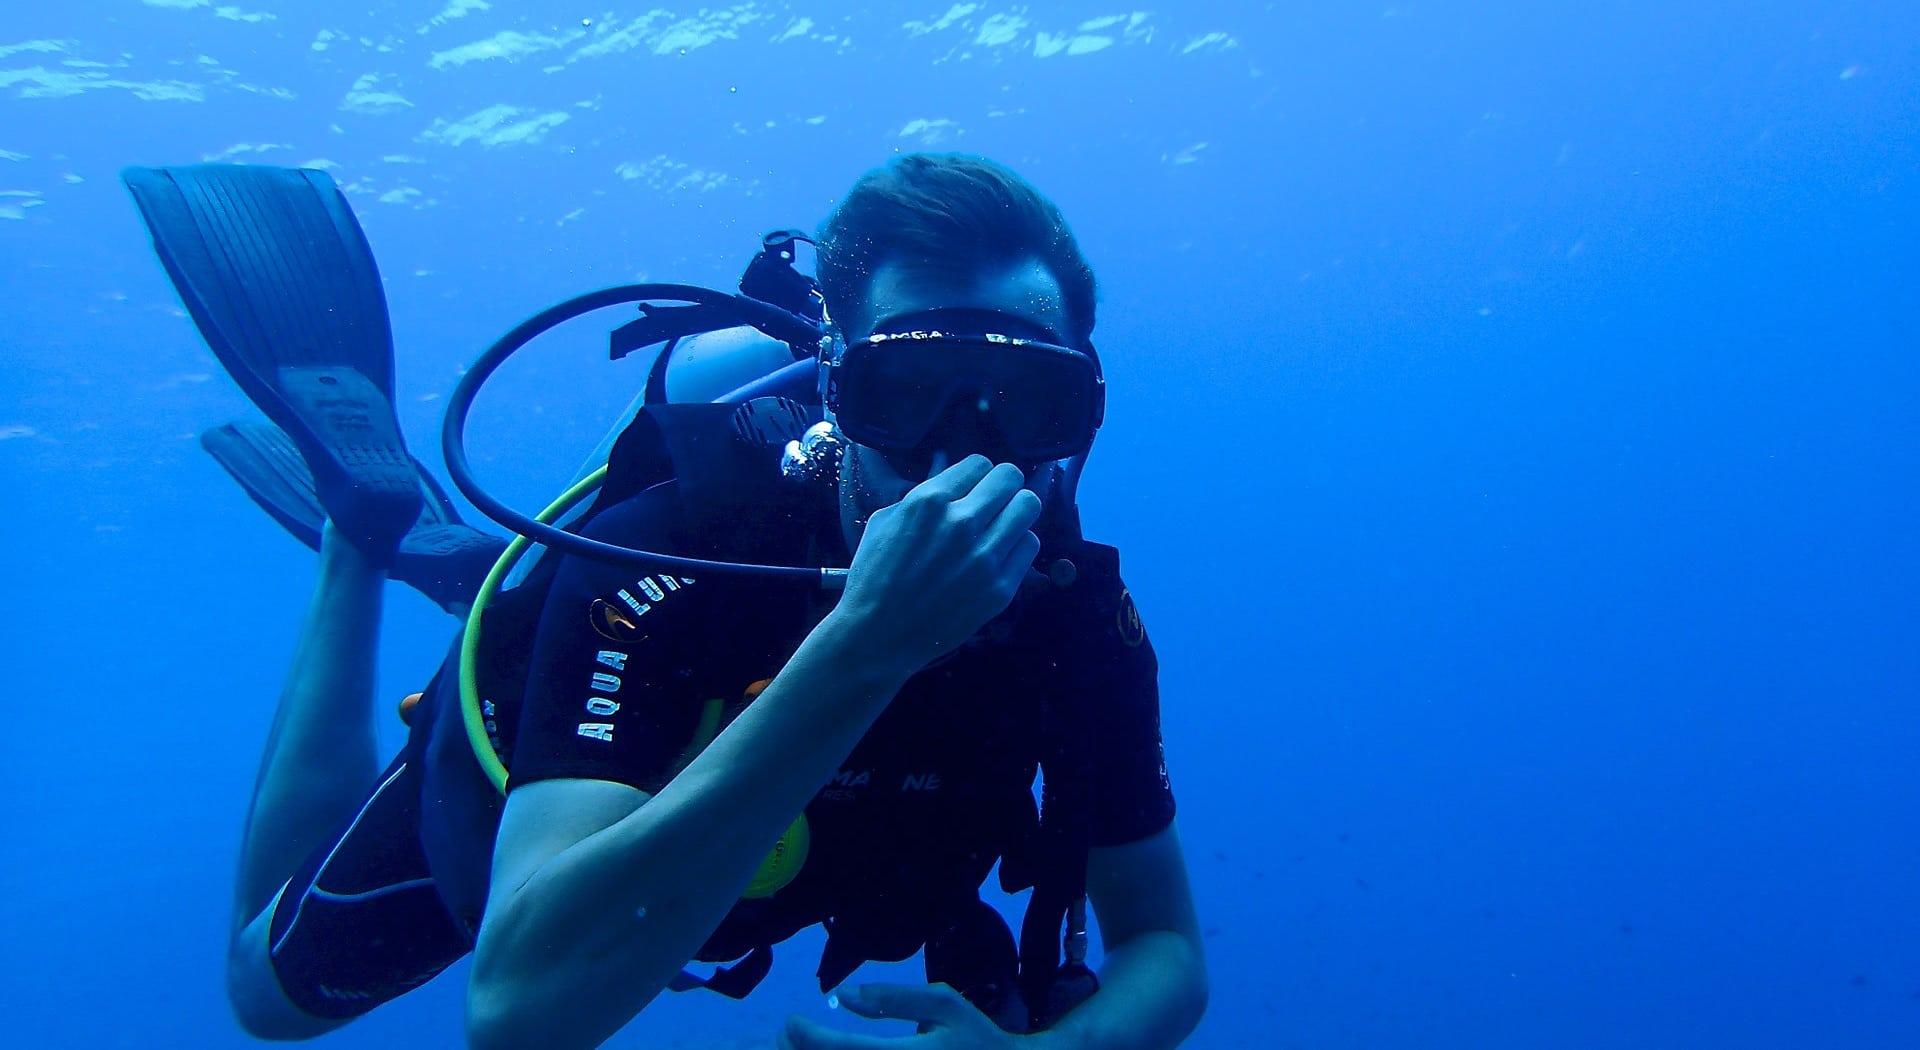 Dykkerulykke fikk fatale konsekvenser for mann på dykkerkurs.